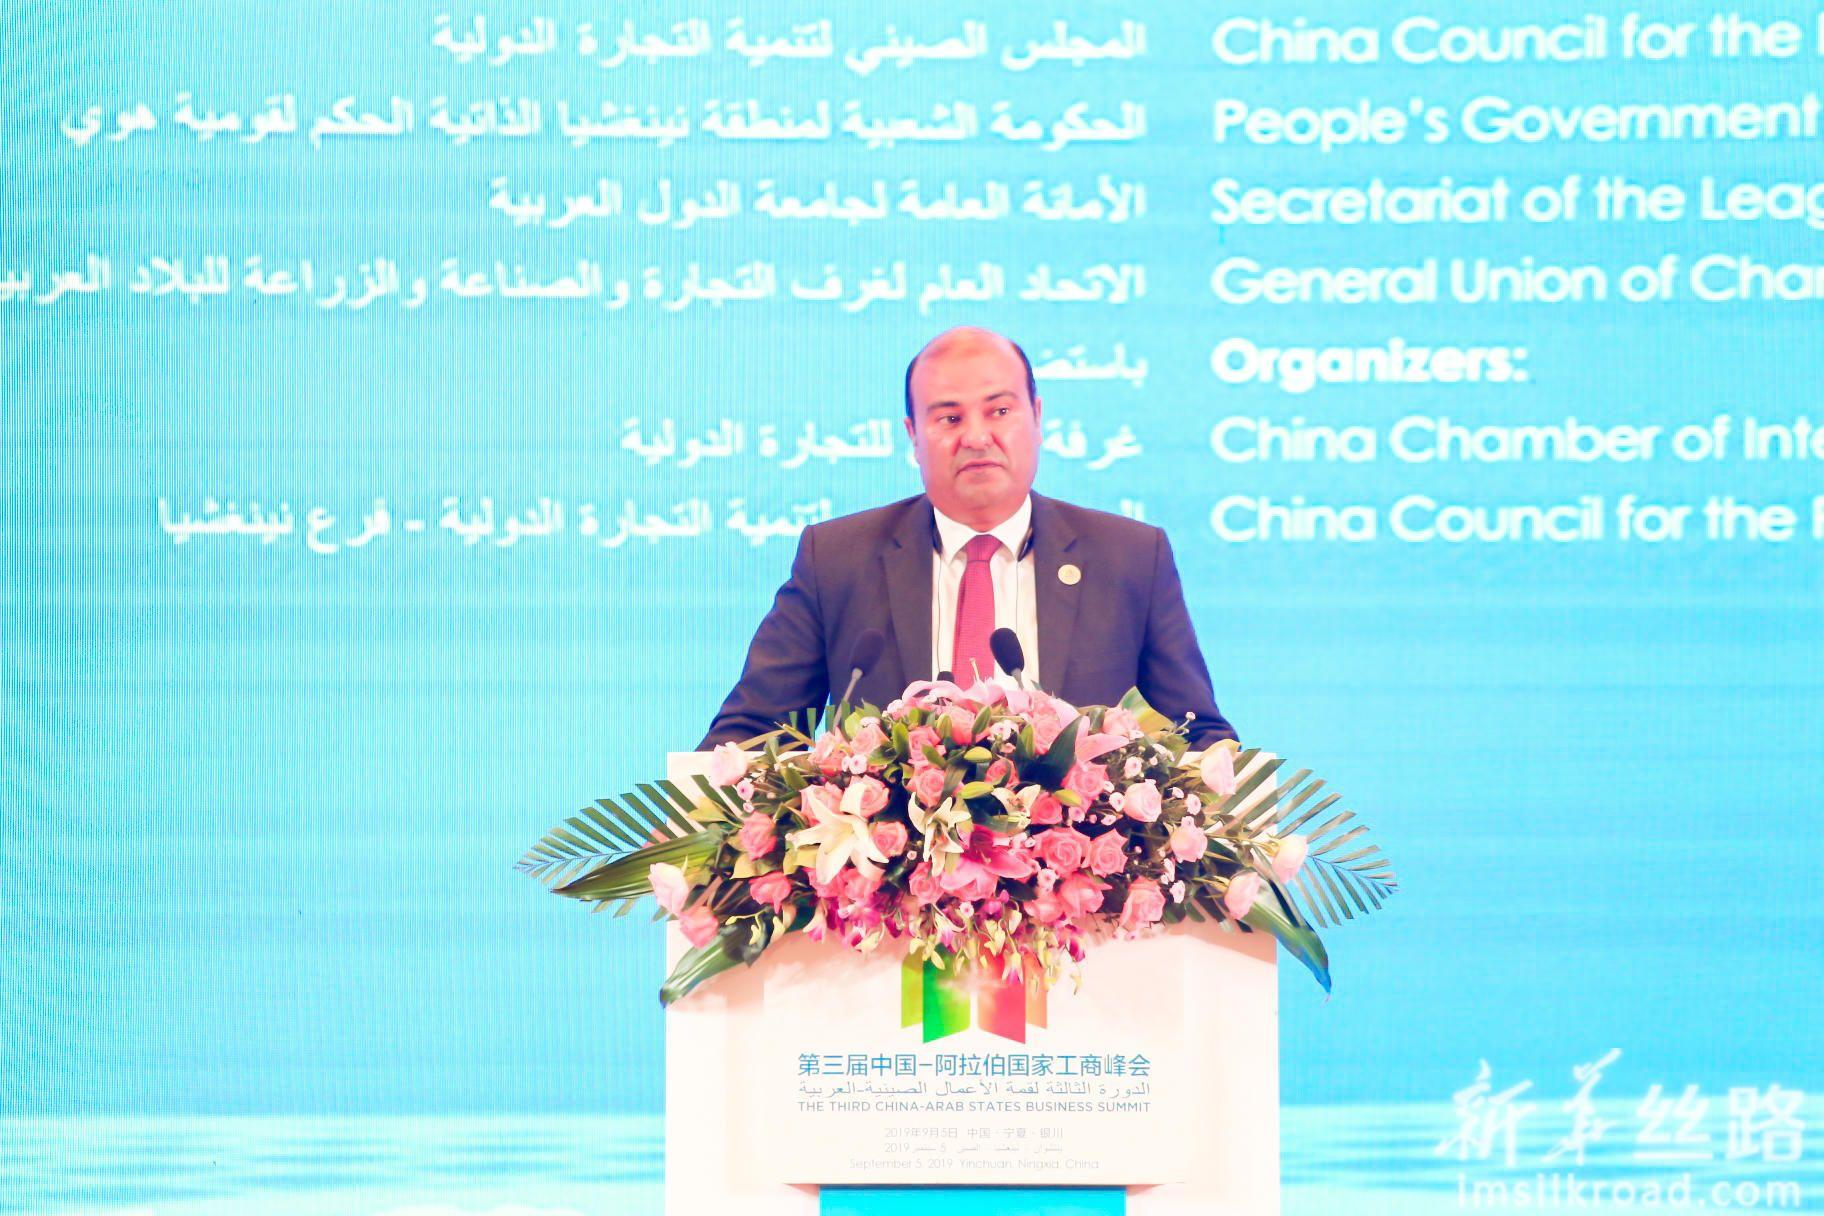 阿拉伯农工商总联盟秘书长哈立德·哈纳菲先生致辞。